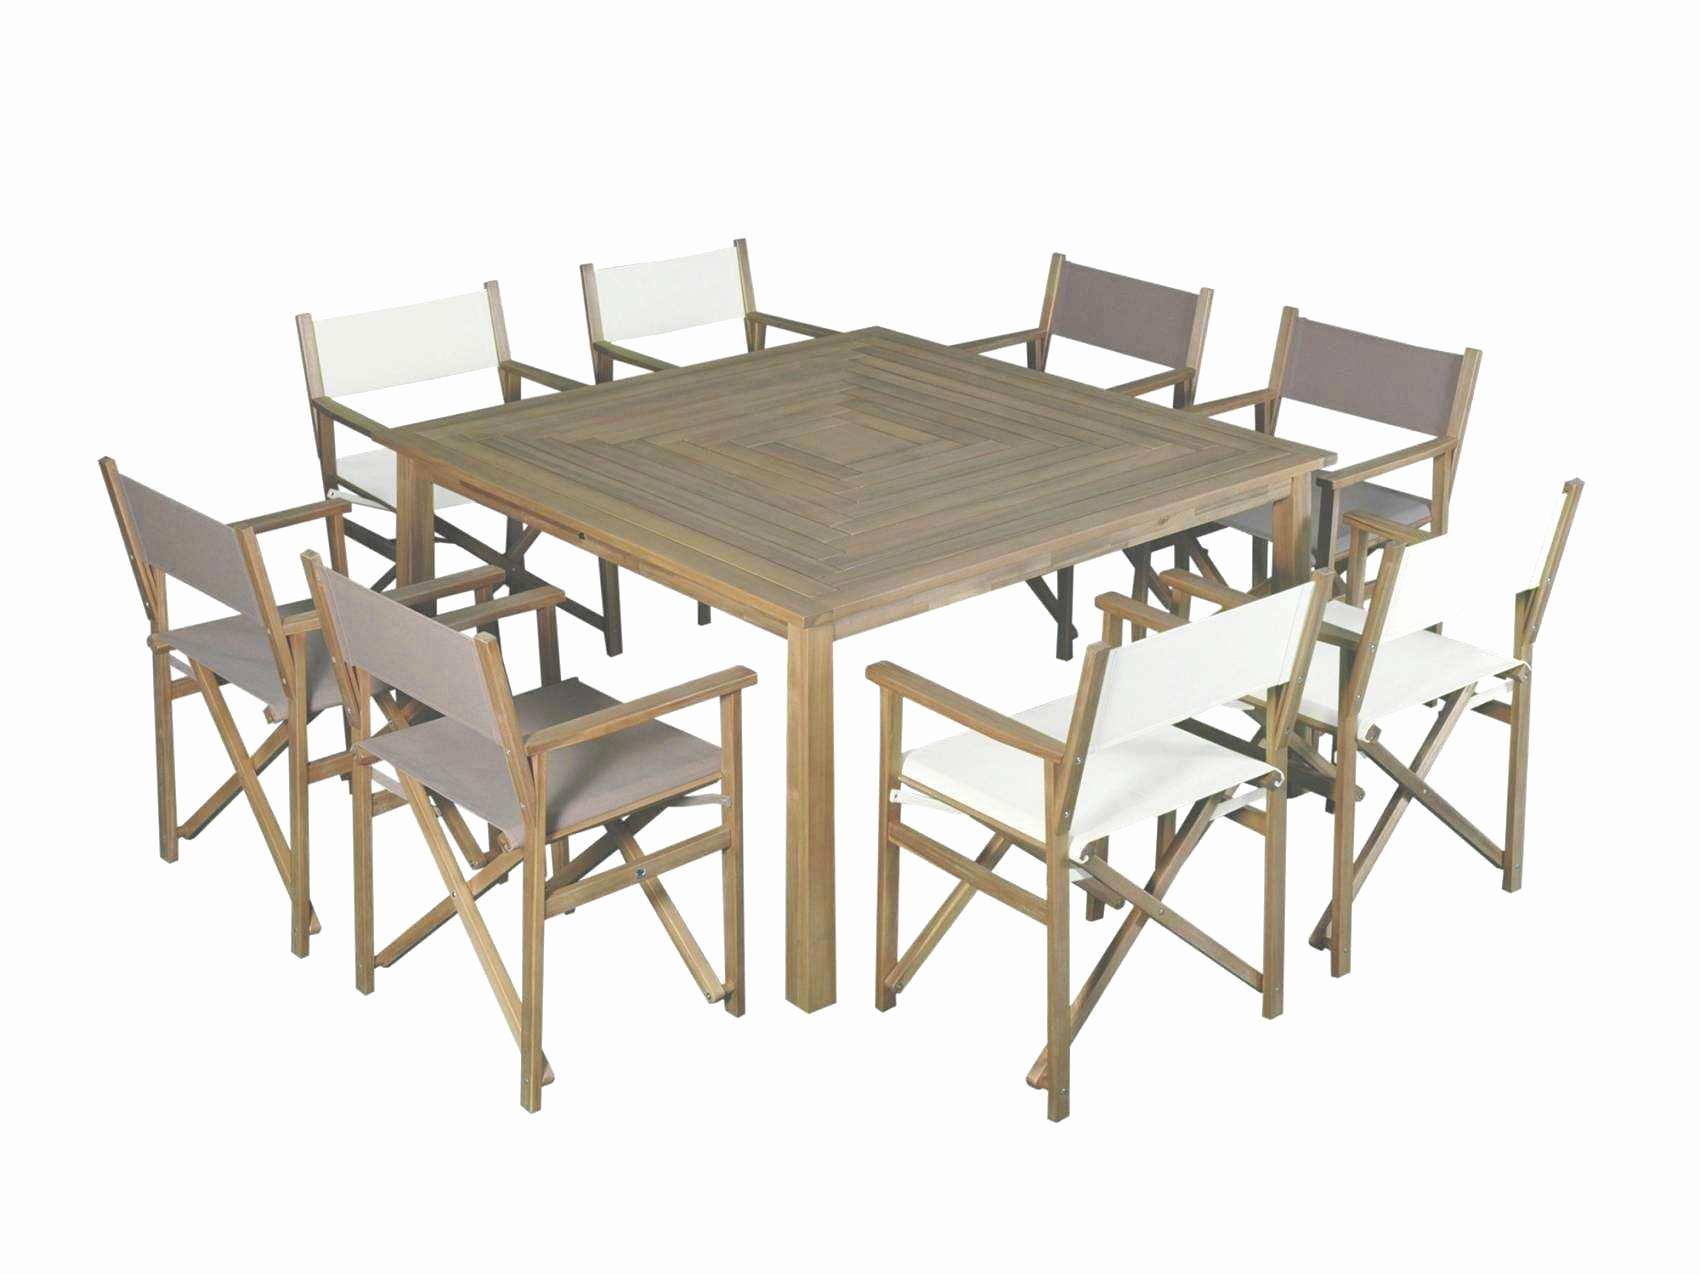 table rallonge papillon unique salon de jardin aluminium luxe table rallonge papillon inspirant of table rallonge papillon